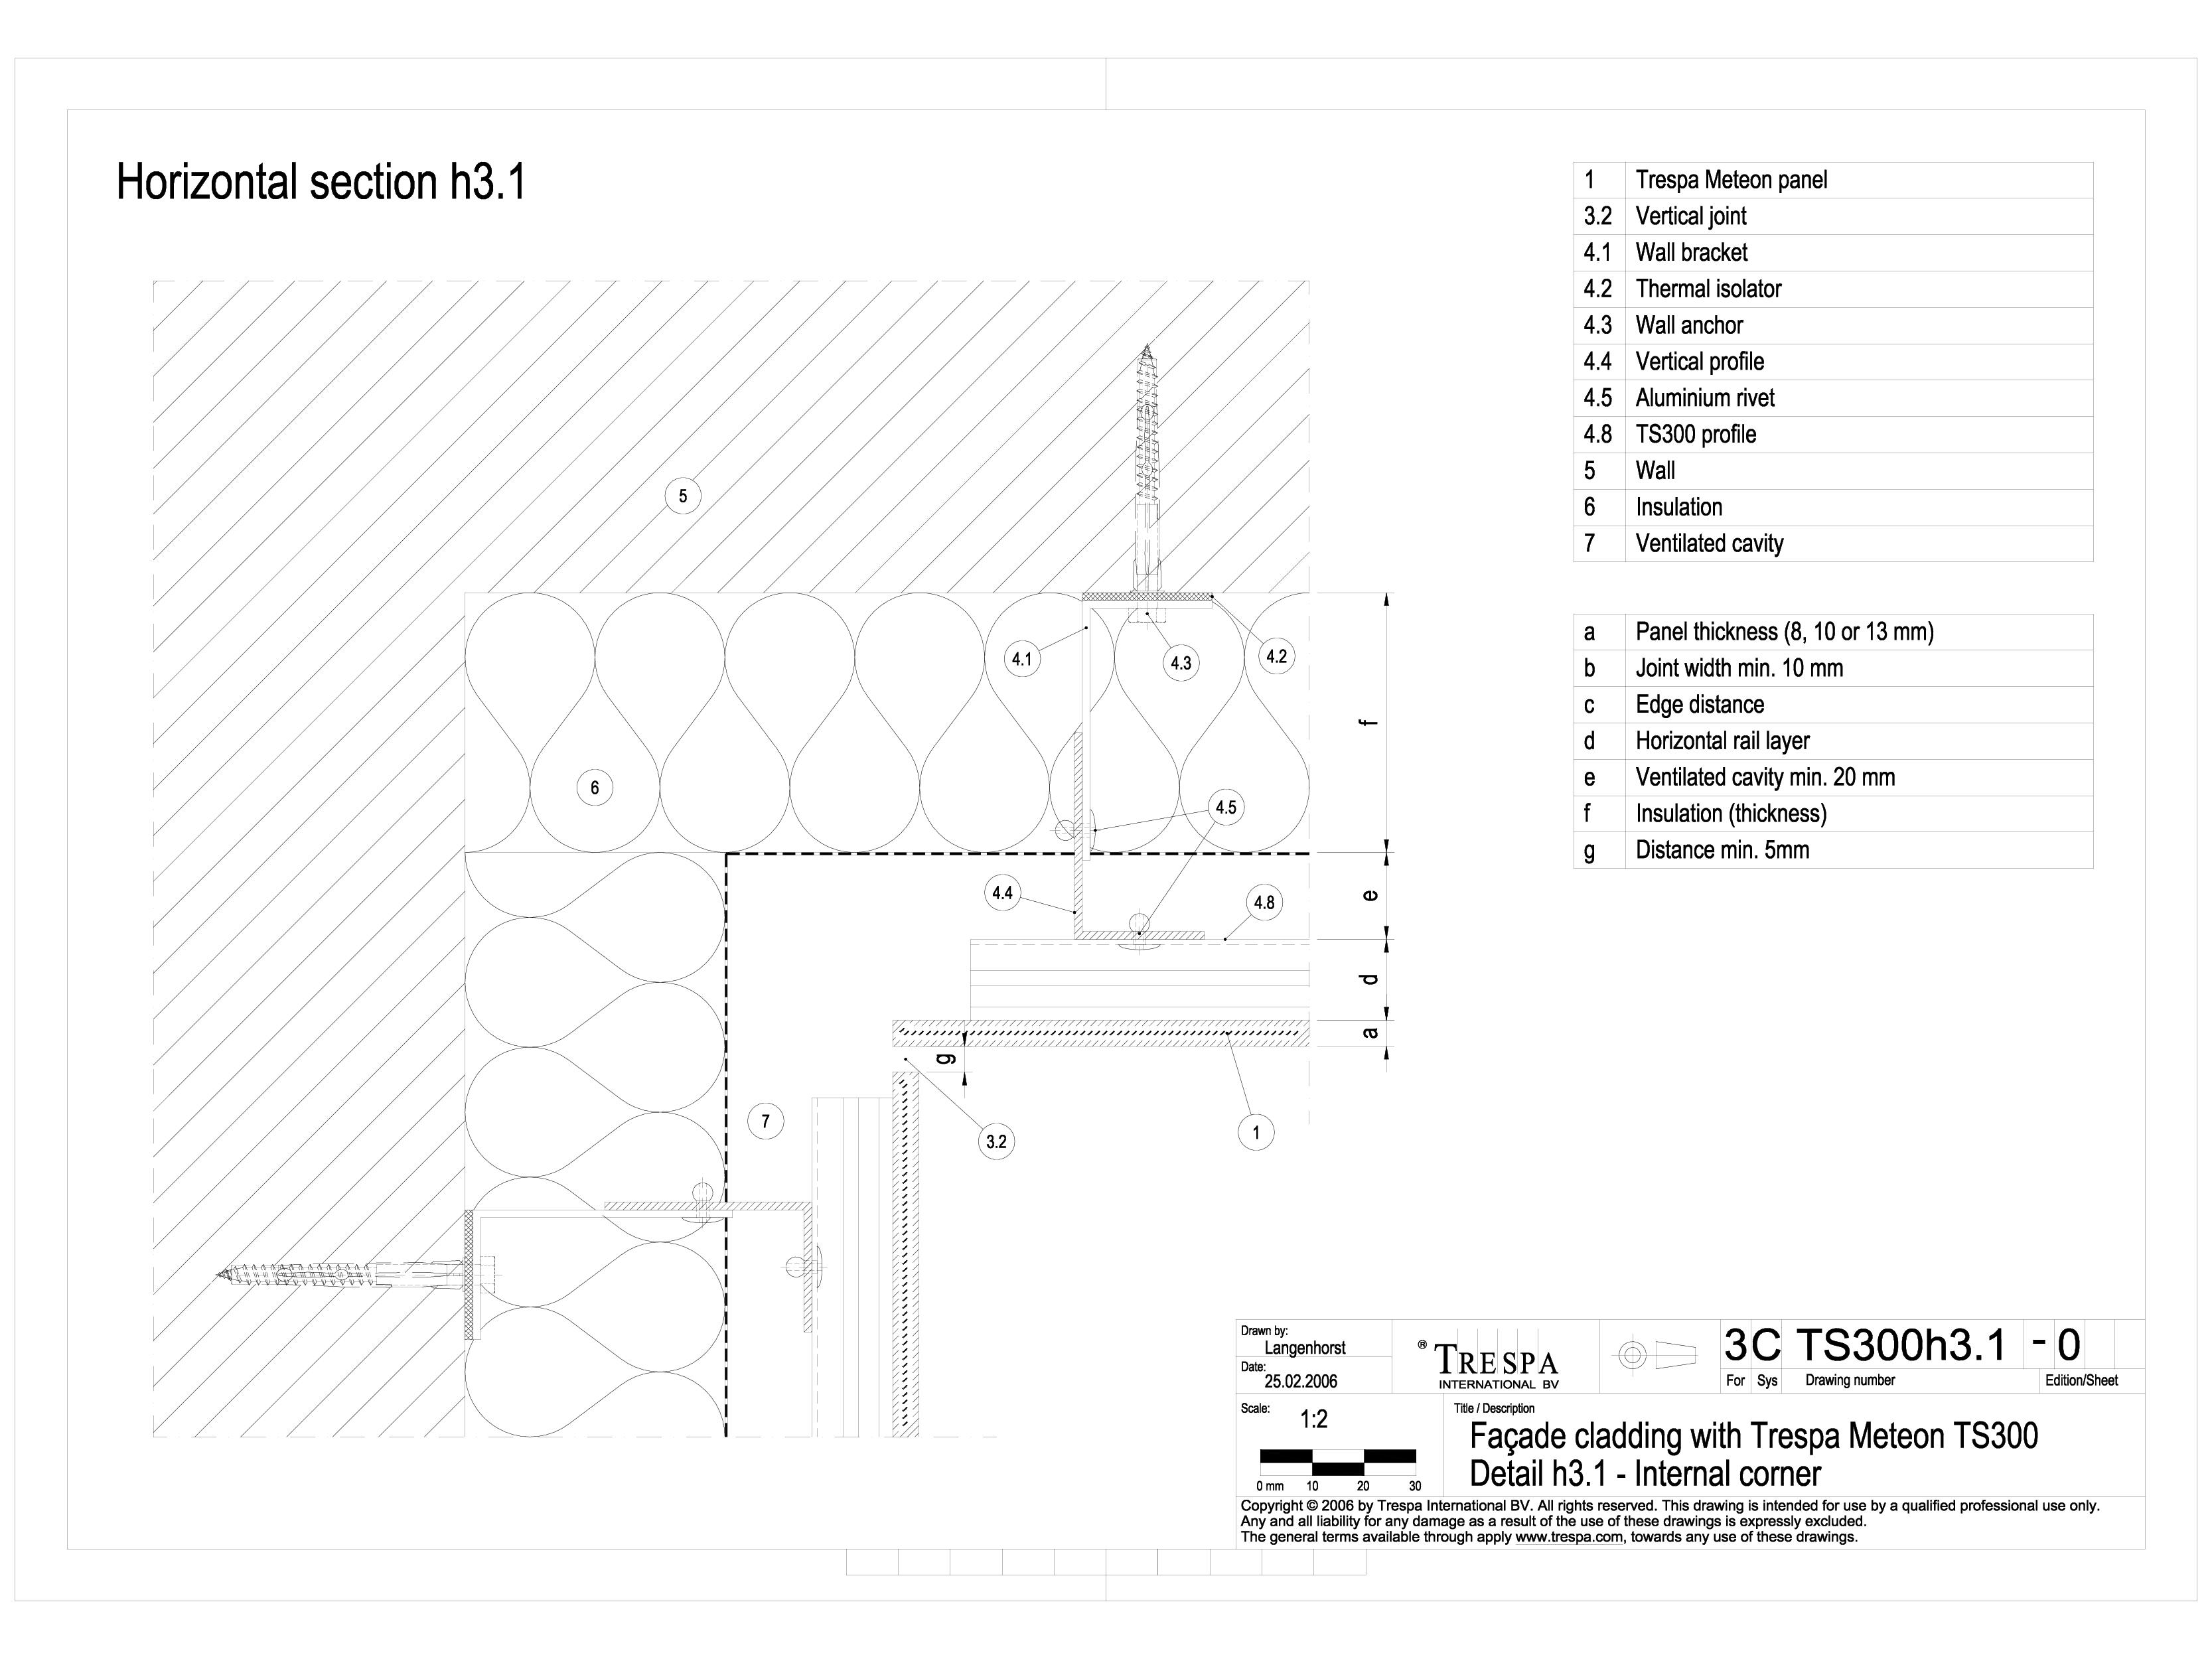 Sisteme de prindere fatade ventilate cu profile oarbe, detaliu colt interior METEON TRESPA Placi HPL pentru fatade ventilate GIBB TECHNOLOGIES  - Pagina 1